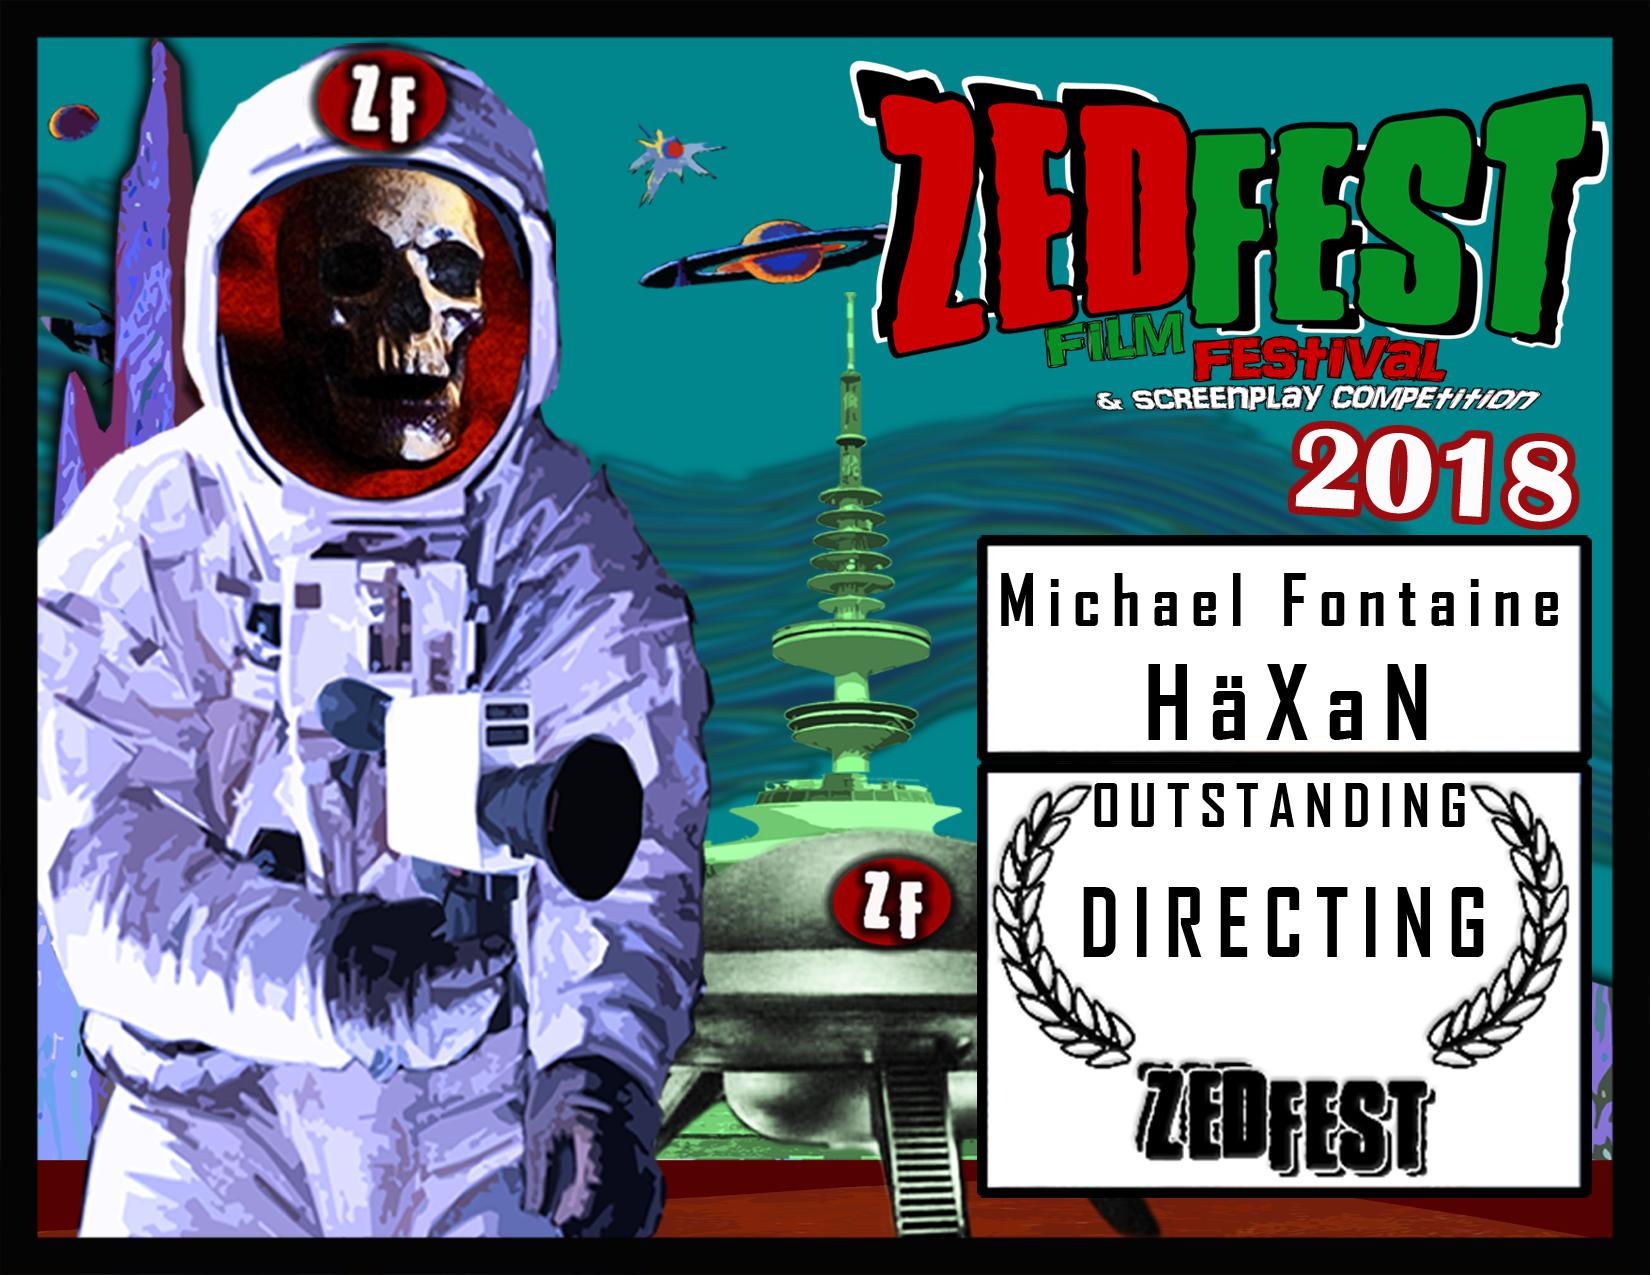 Zed Fest 2018 Häxan Award Certificate.png